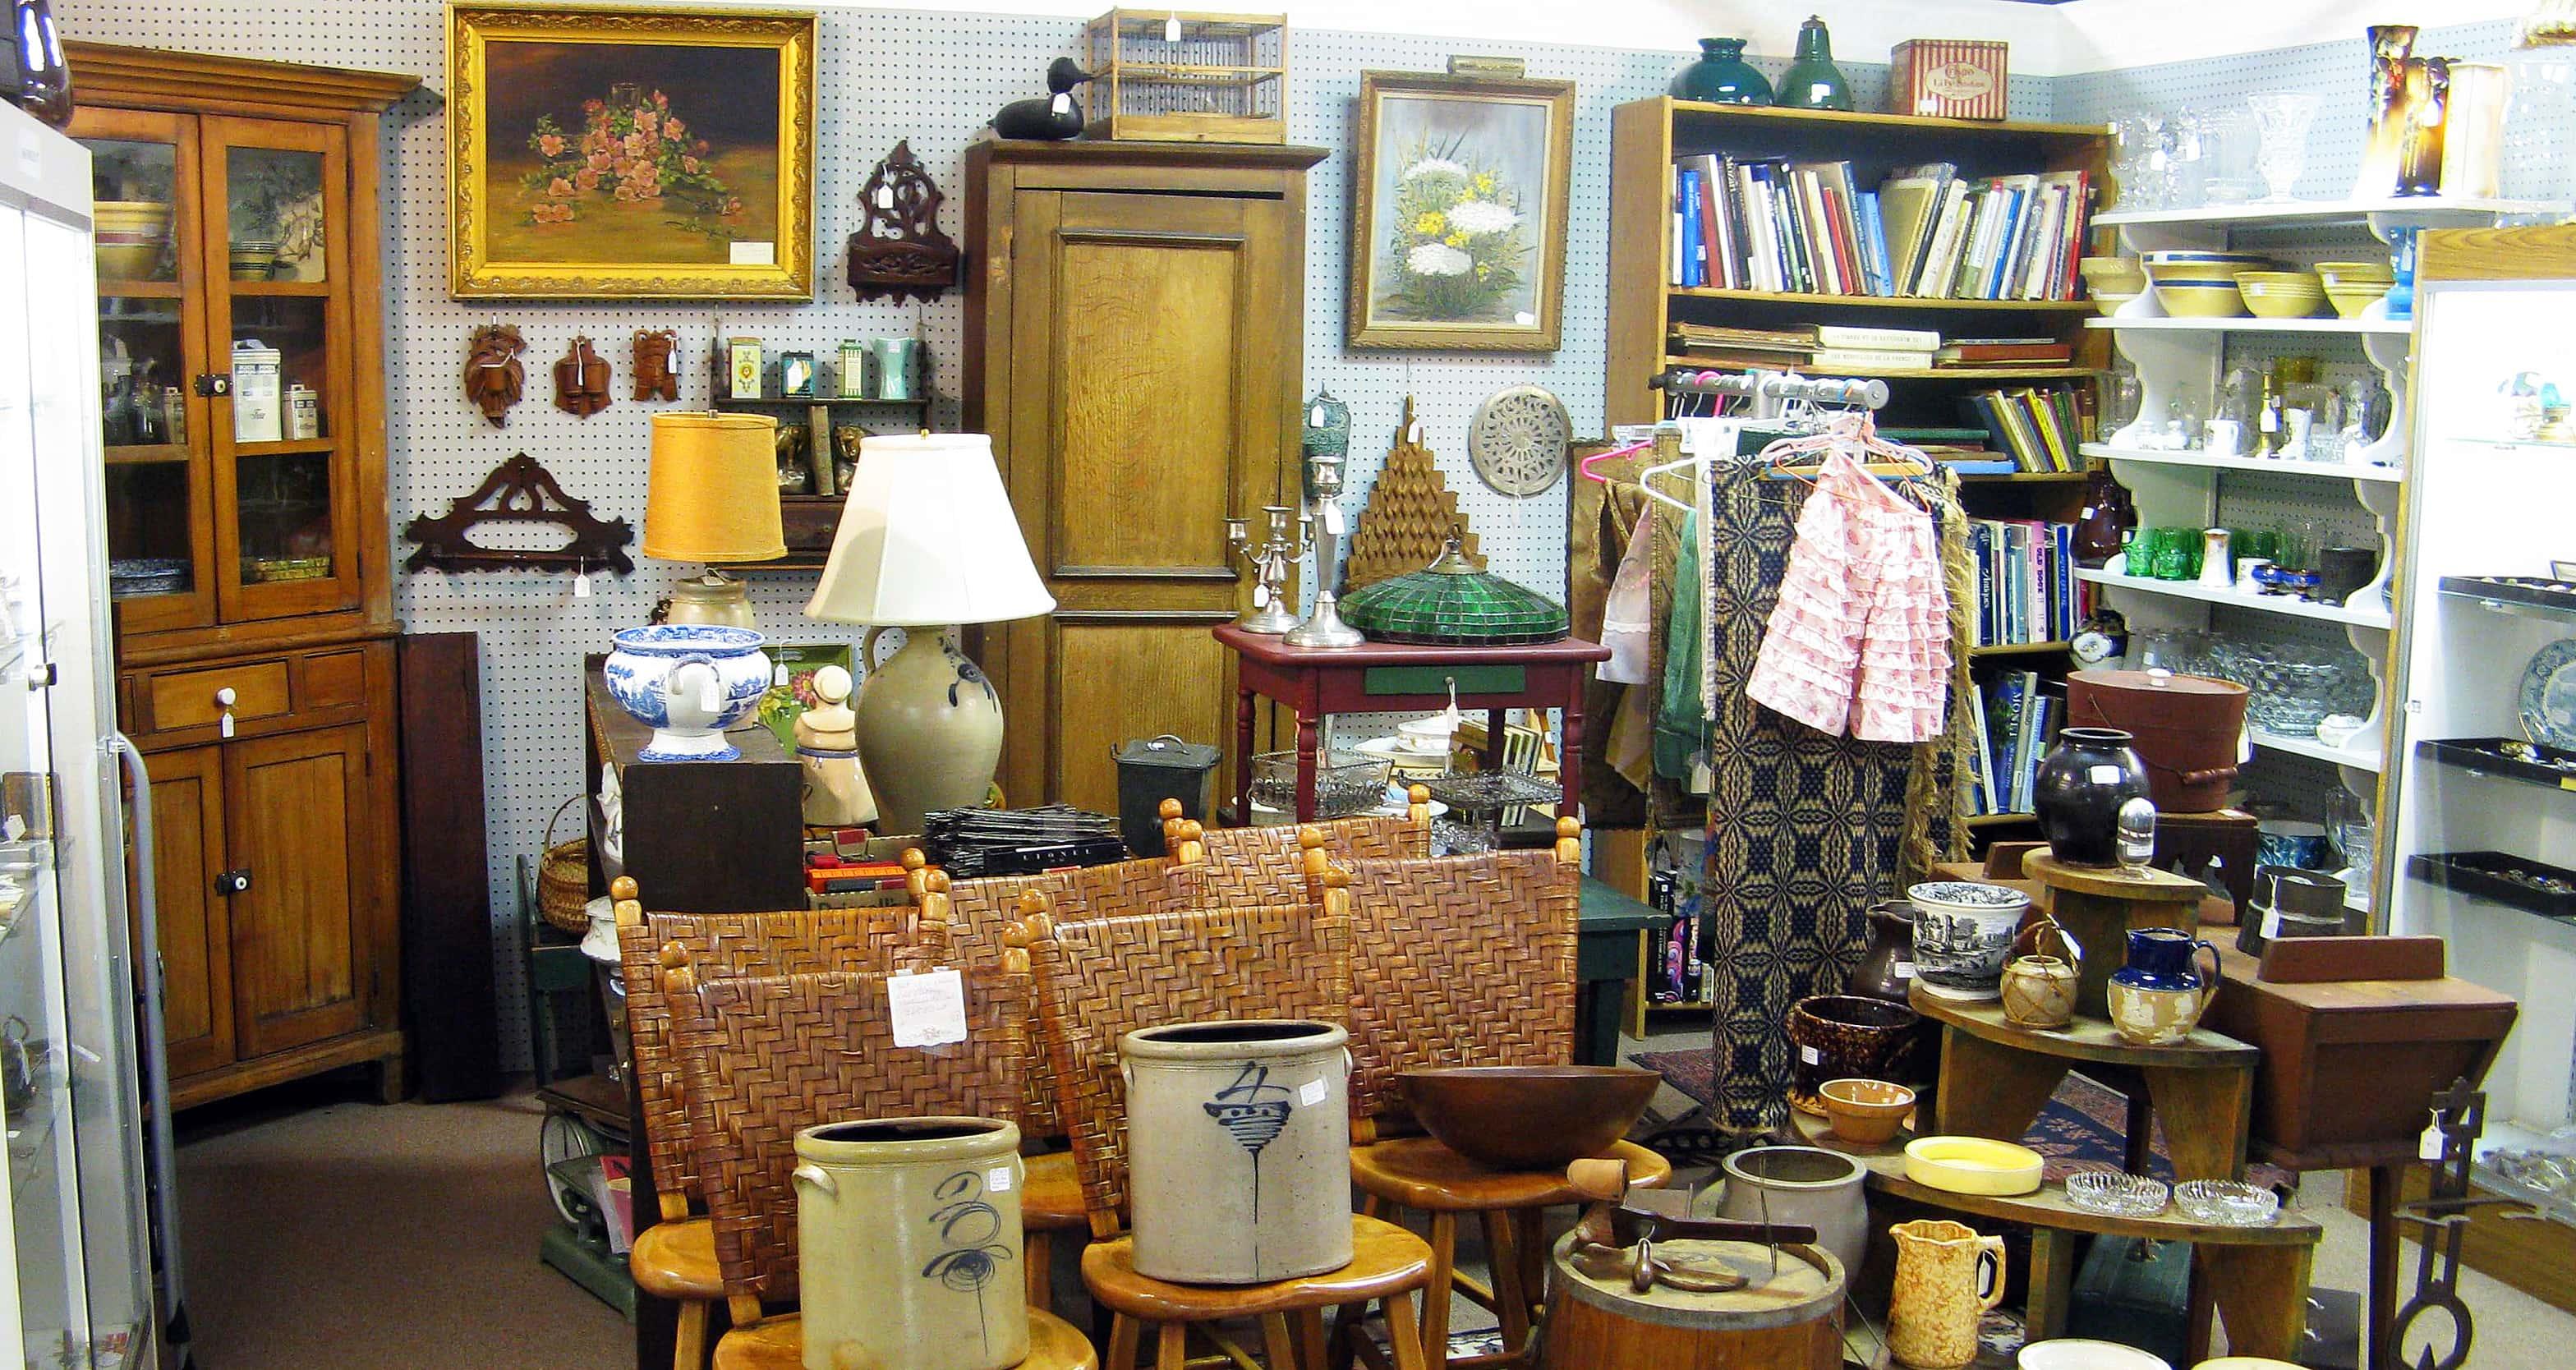 antique malls in michigan Ex Cop Retires to Run SW Michigan Antique Malls | Moody on the Market antique malls in michigan